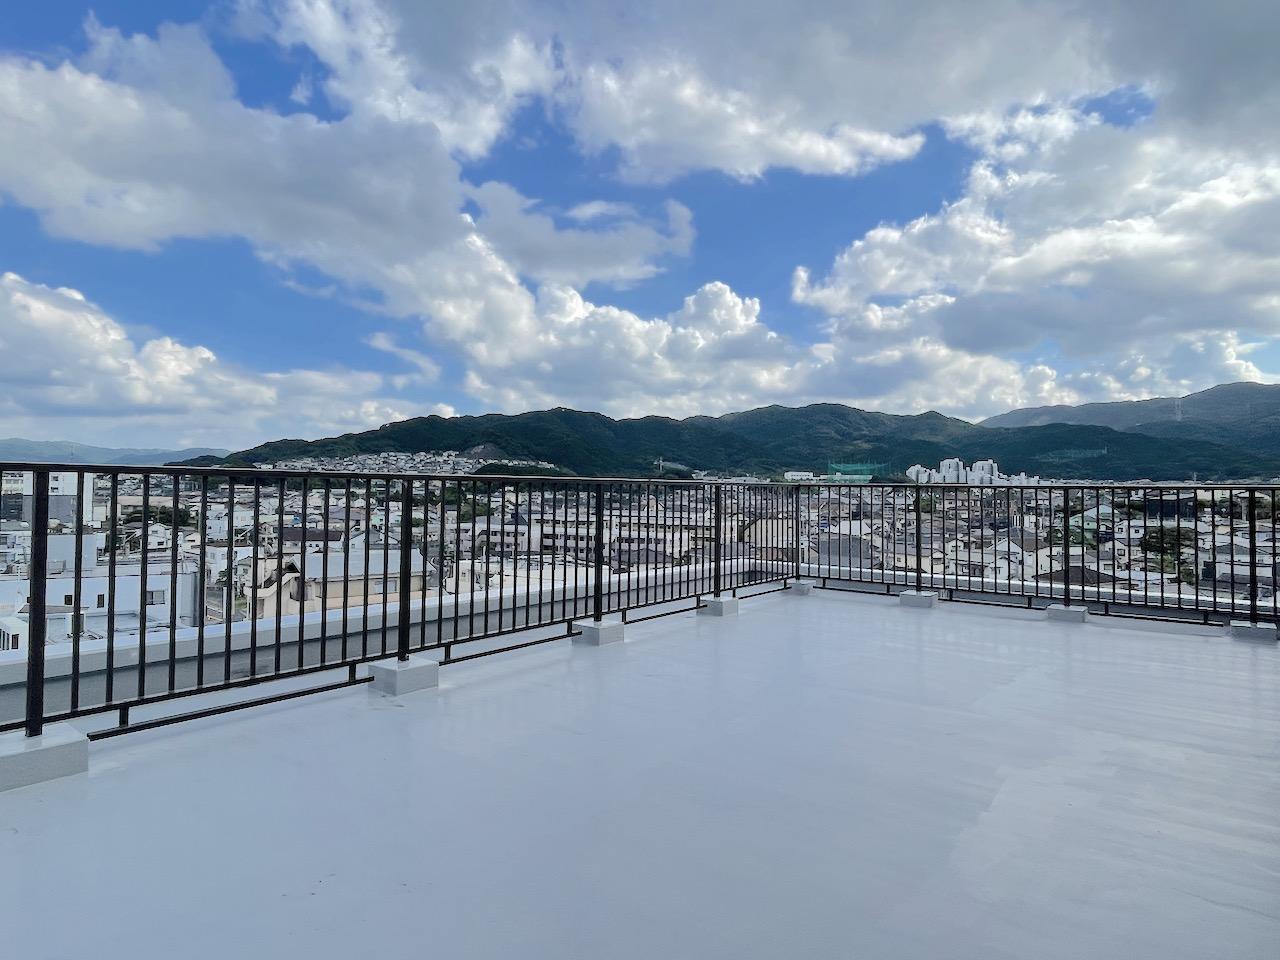 山と街の展望台バルコニー (福岡市南区桧原の物件) - 福岡R不動産